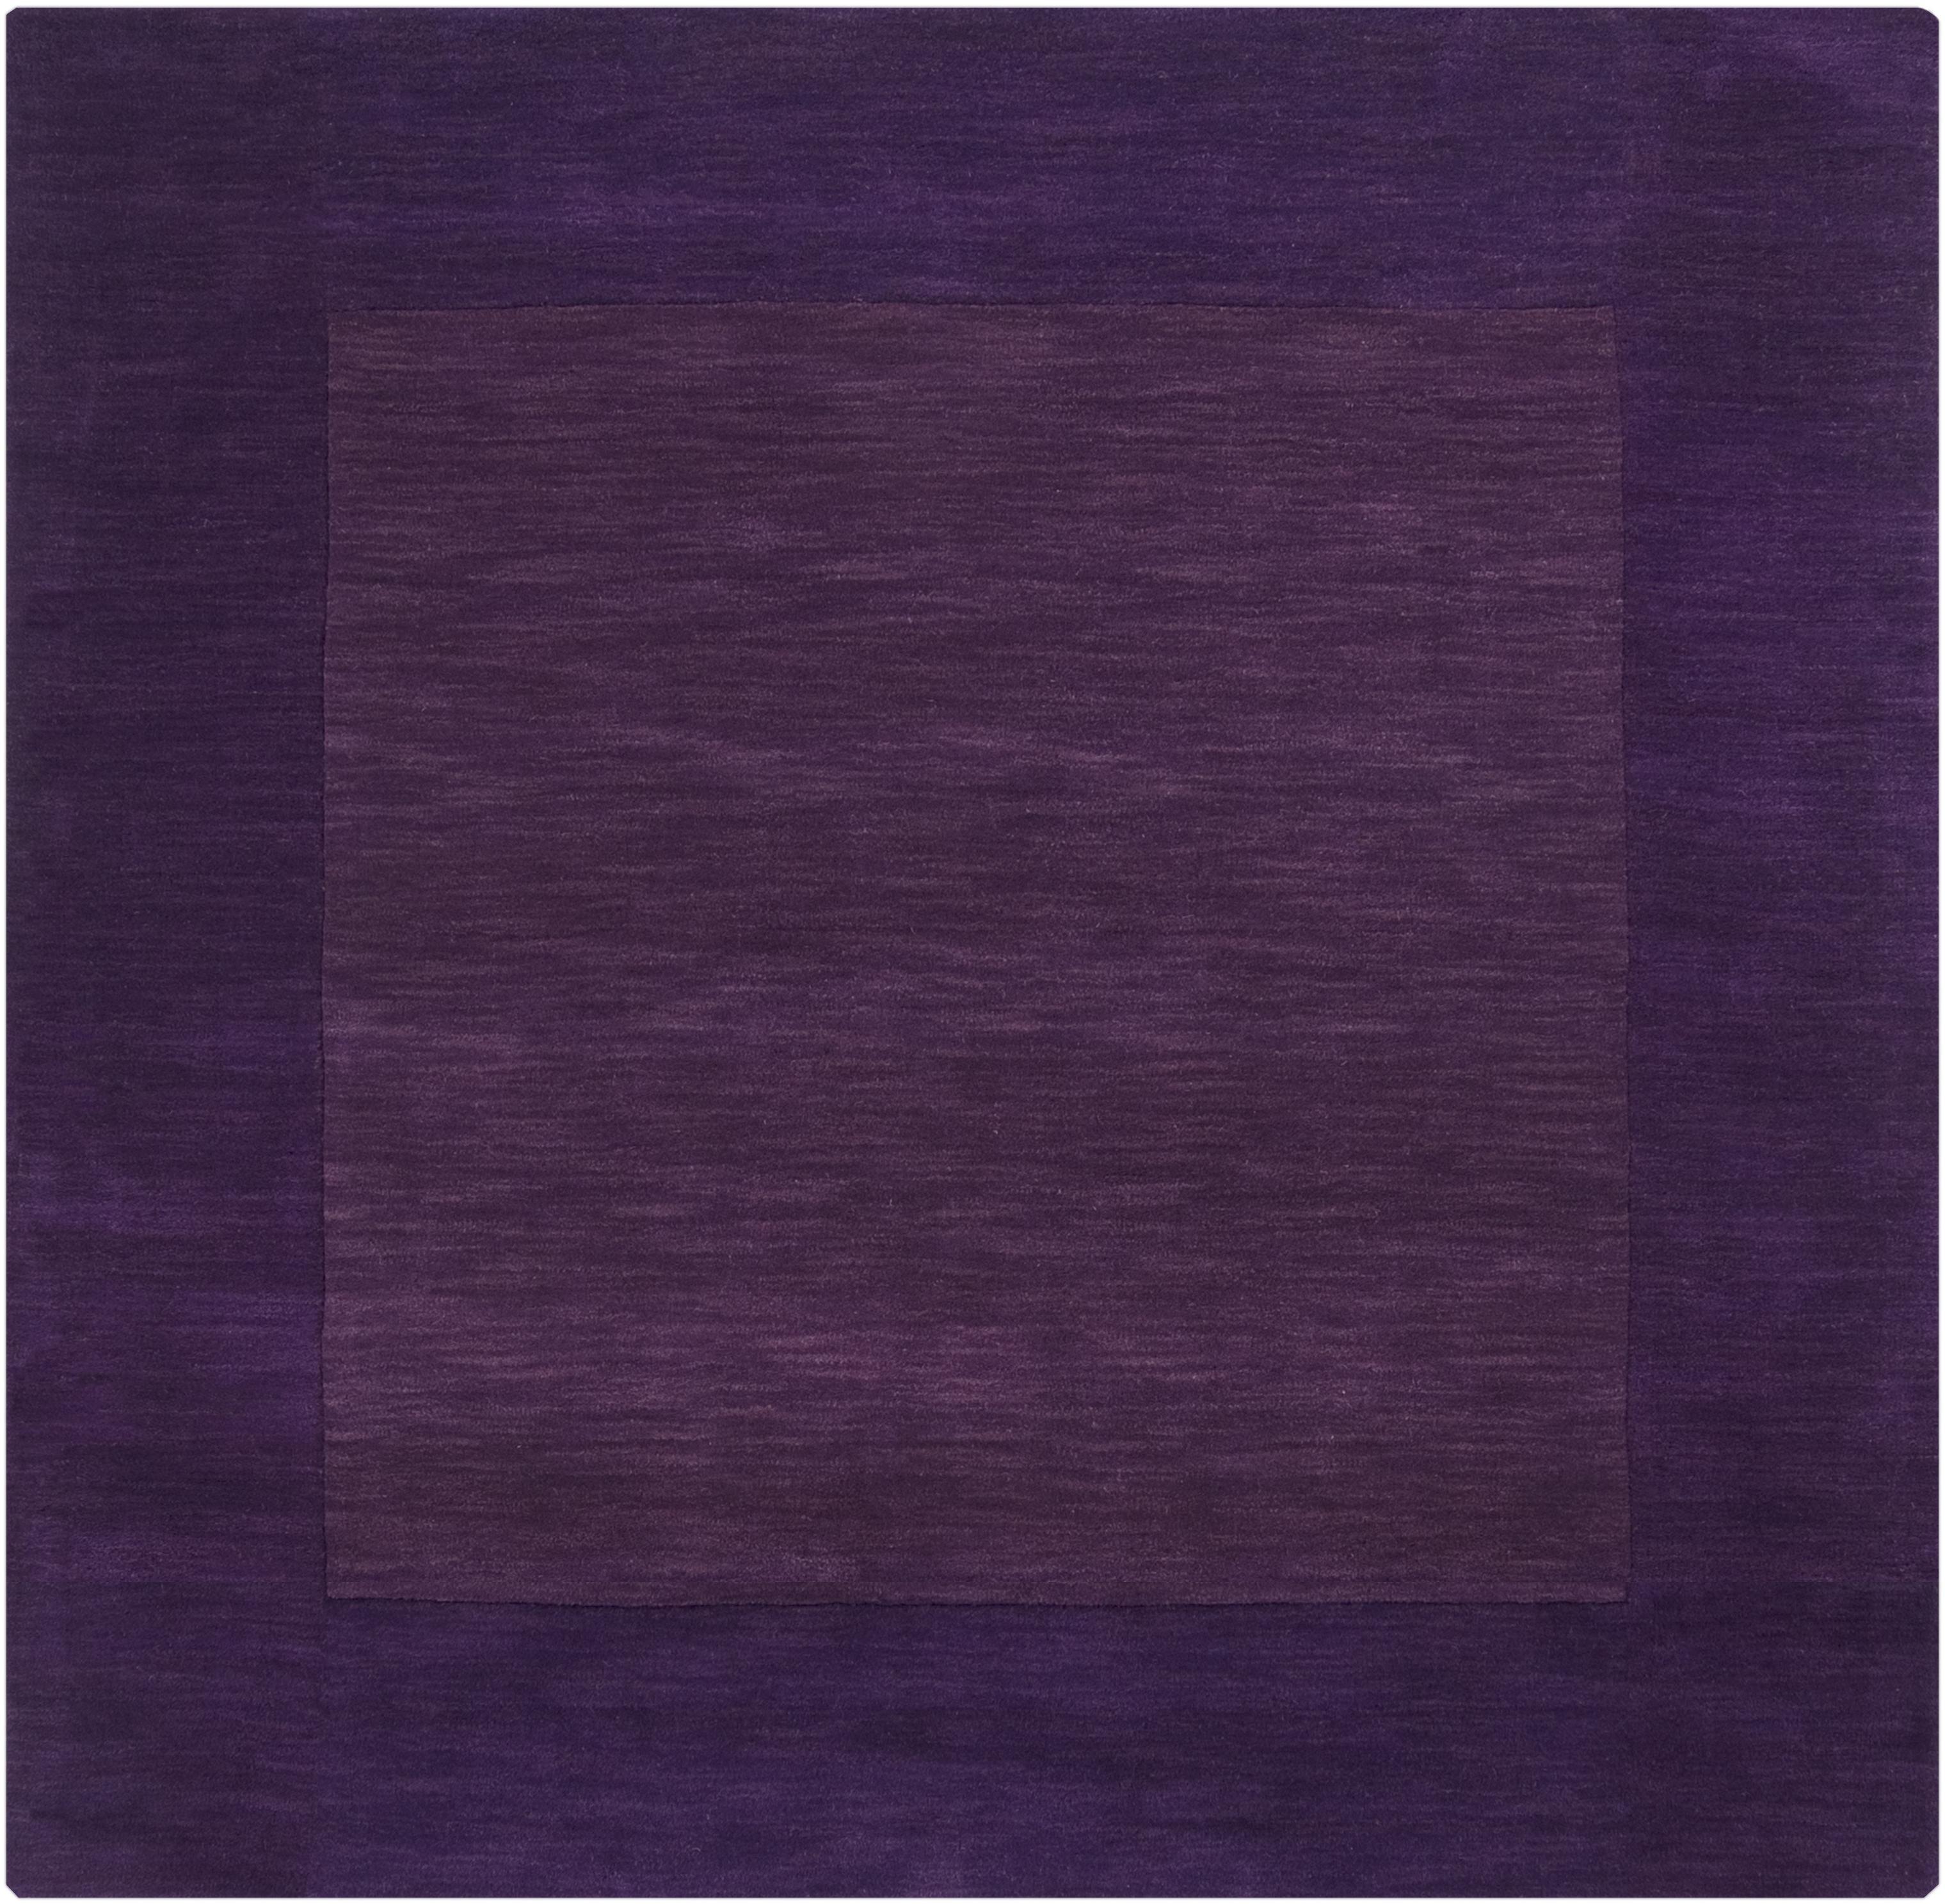 Surya Mystique 6' Square - Item Number: M349-6SQ